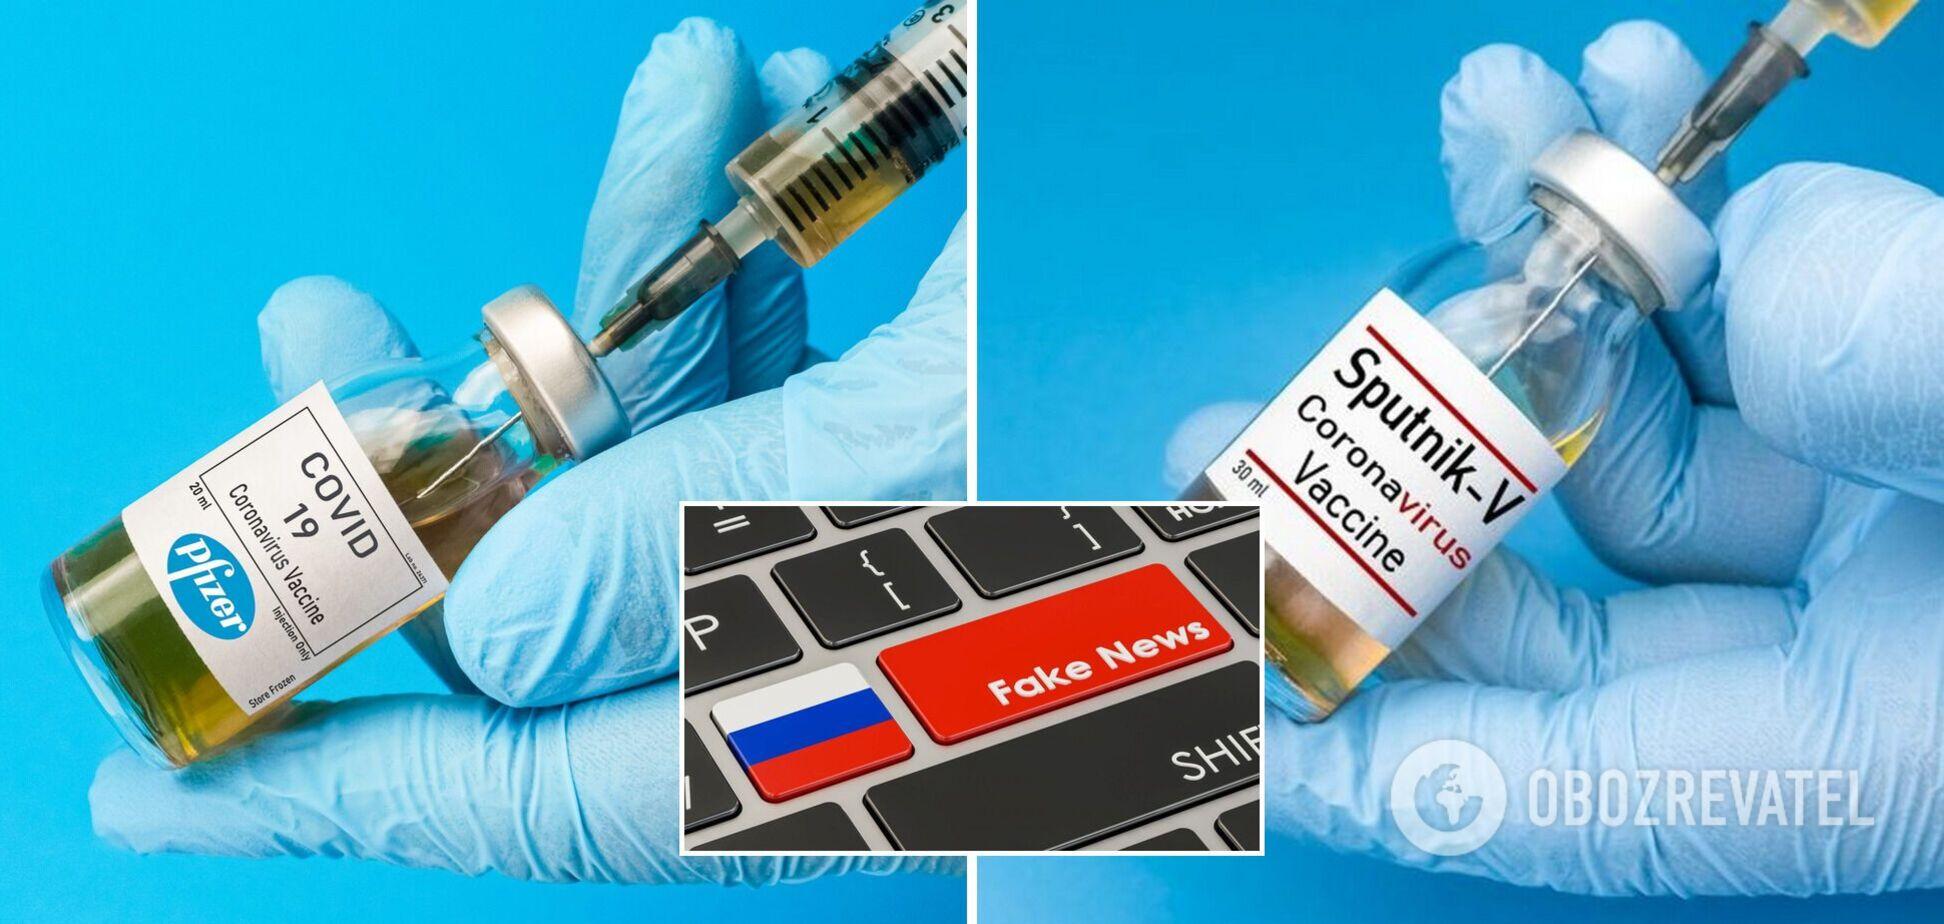 PR-агентство зі слідами в РФ пропонувало європейським блогерам поширювати фейки про Pfizer – ЗМІ